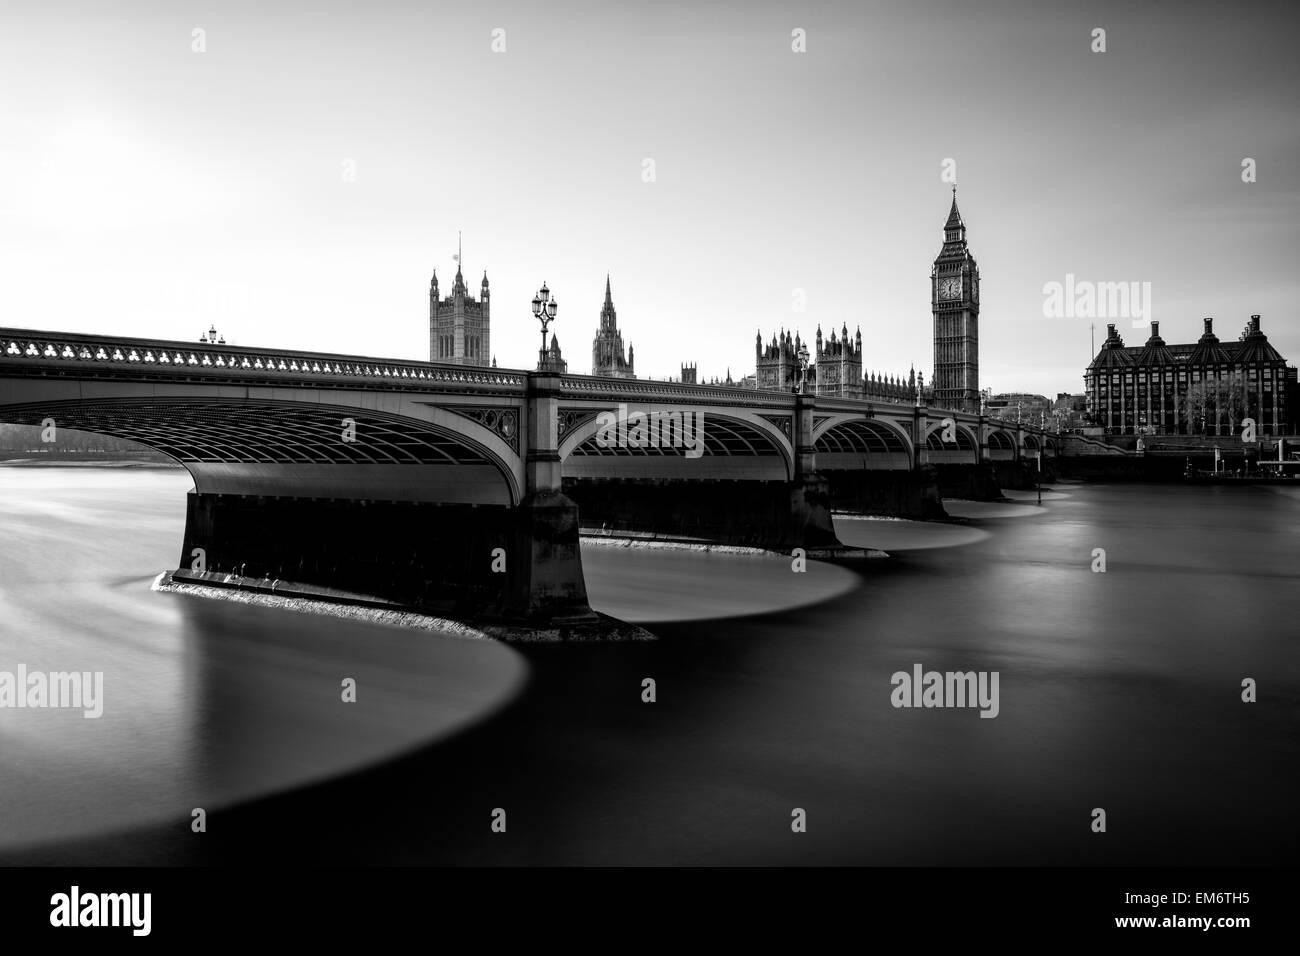 Big Ben ist der Spitzname für die große Glocke der Uhr auch bekannt als Uhrturm und Elizabeth Tower. Stockfoto